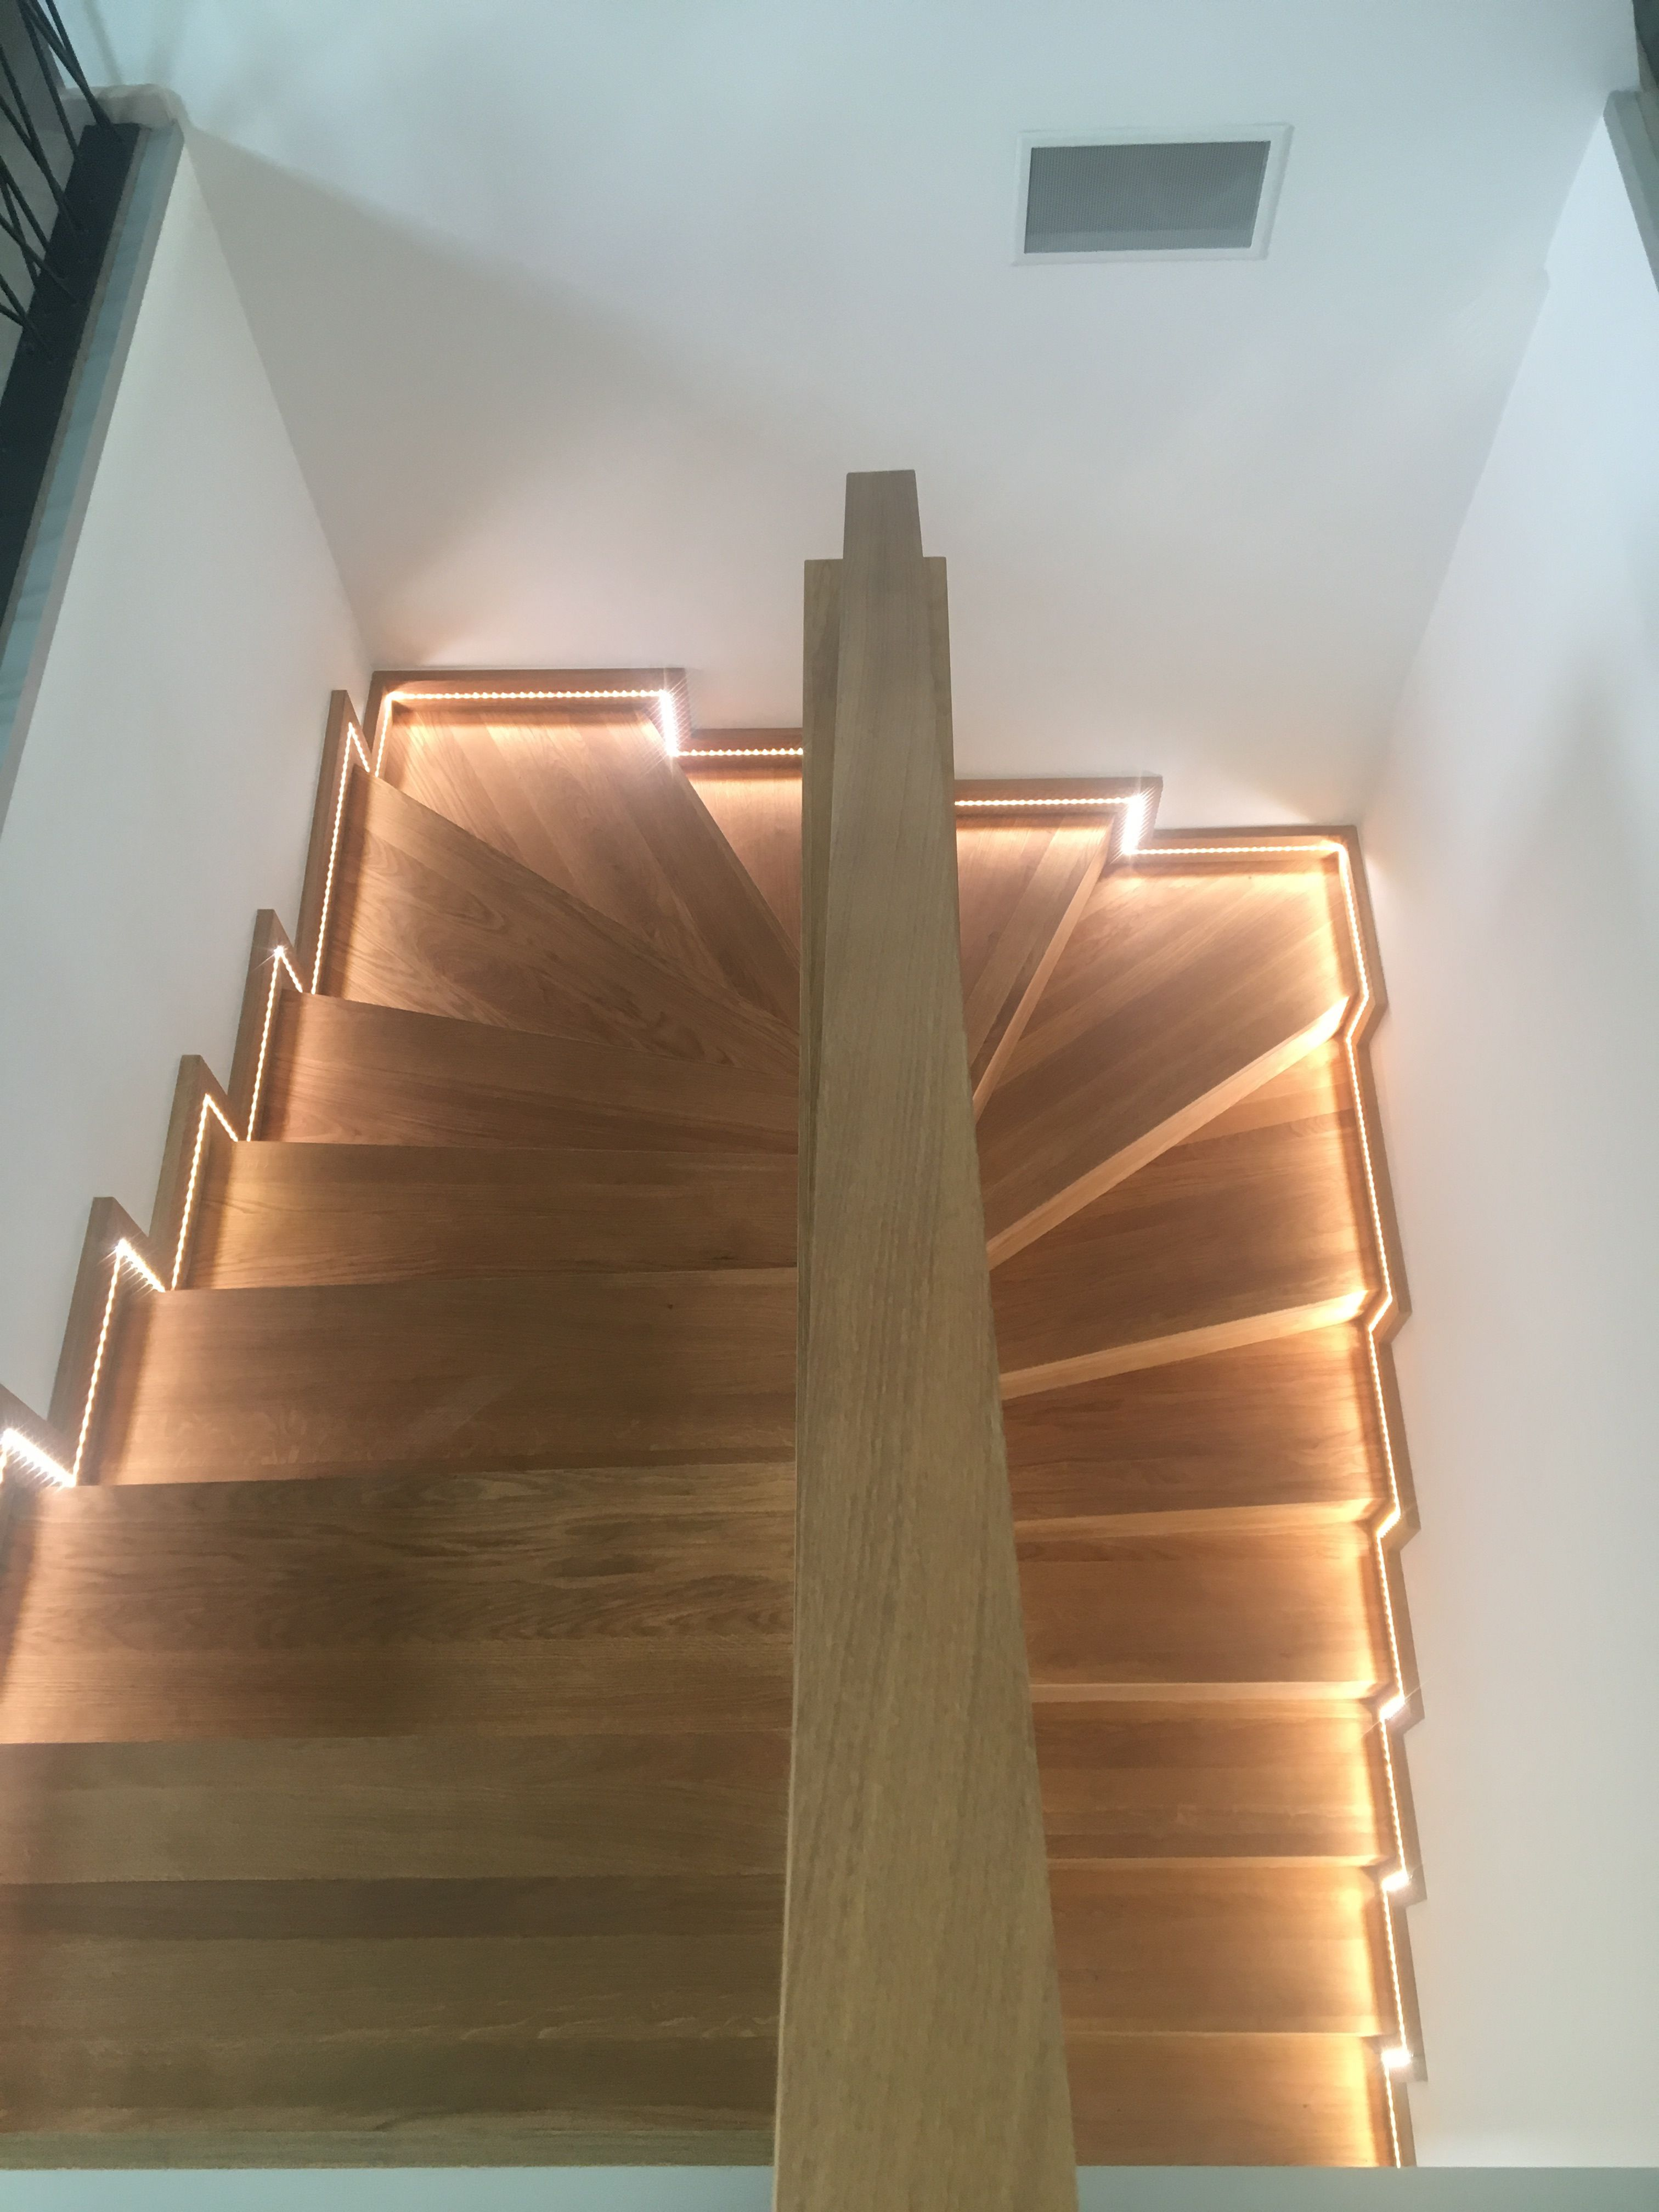 Habillage D Un Escalier Beton Et Son Ruban Led Habillage